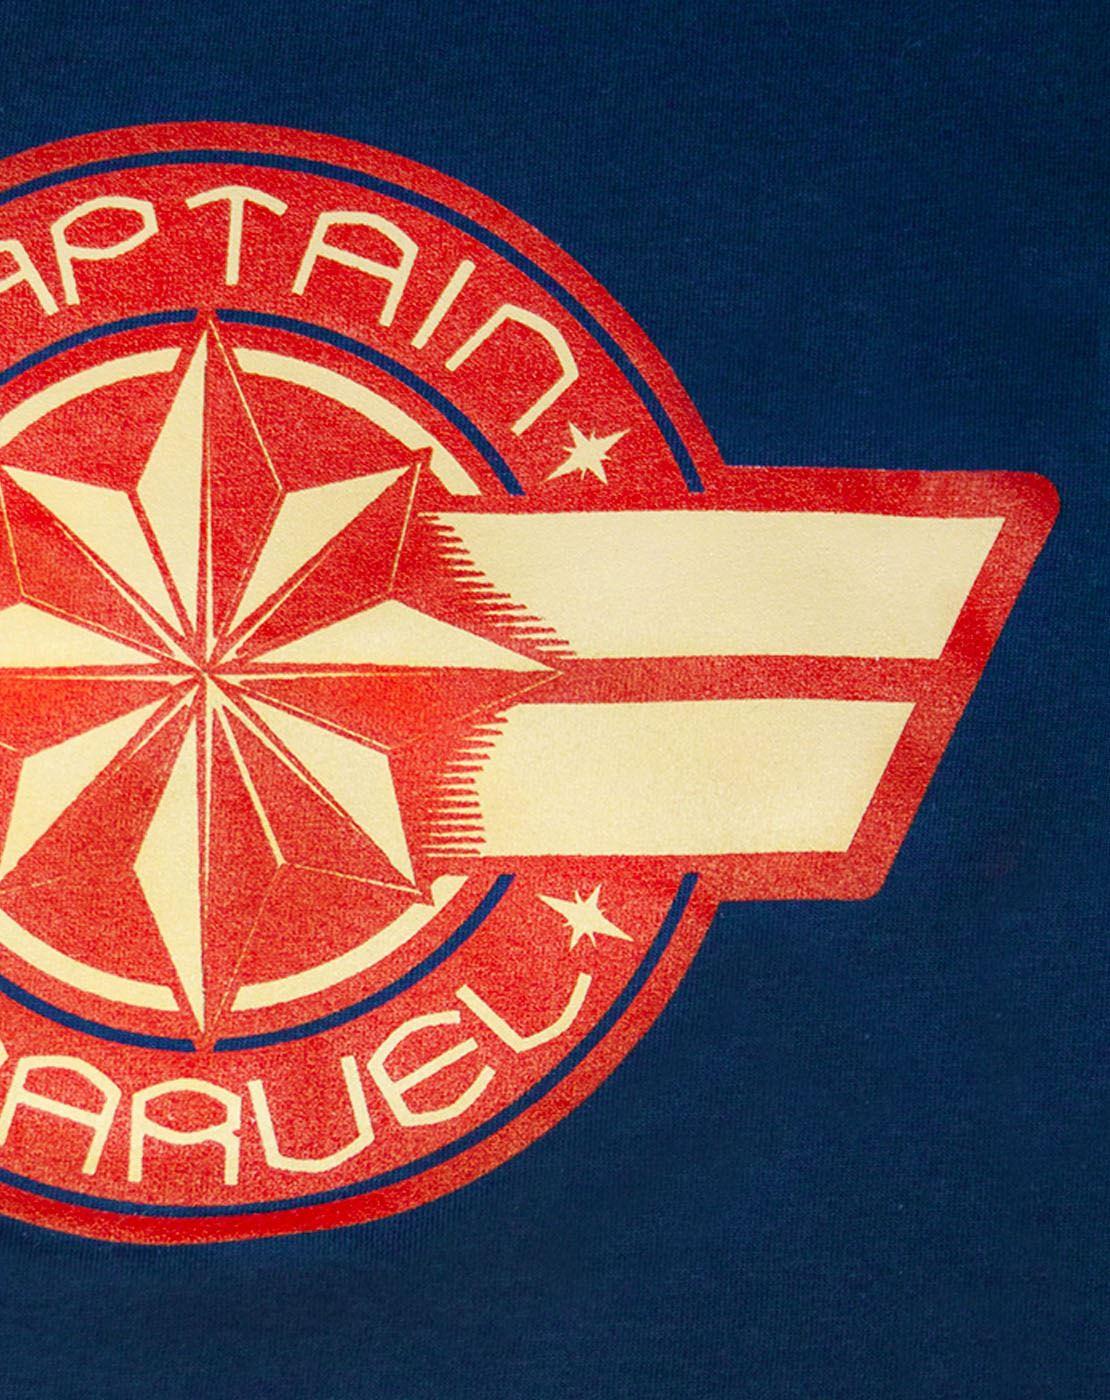 Marvel-Captain-Marvel-Logo-Women-039-s-Navy-Short-Sleeve-T-Shirt thumbnail 8